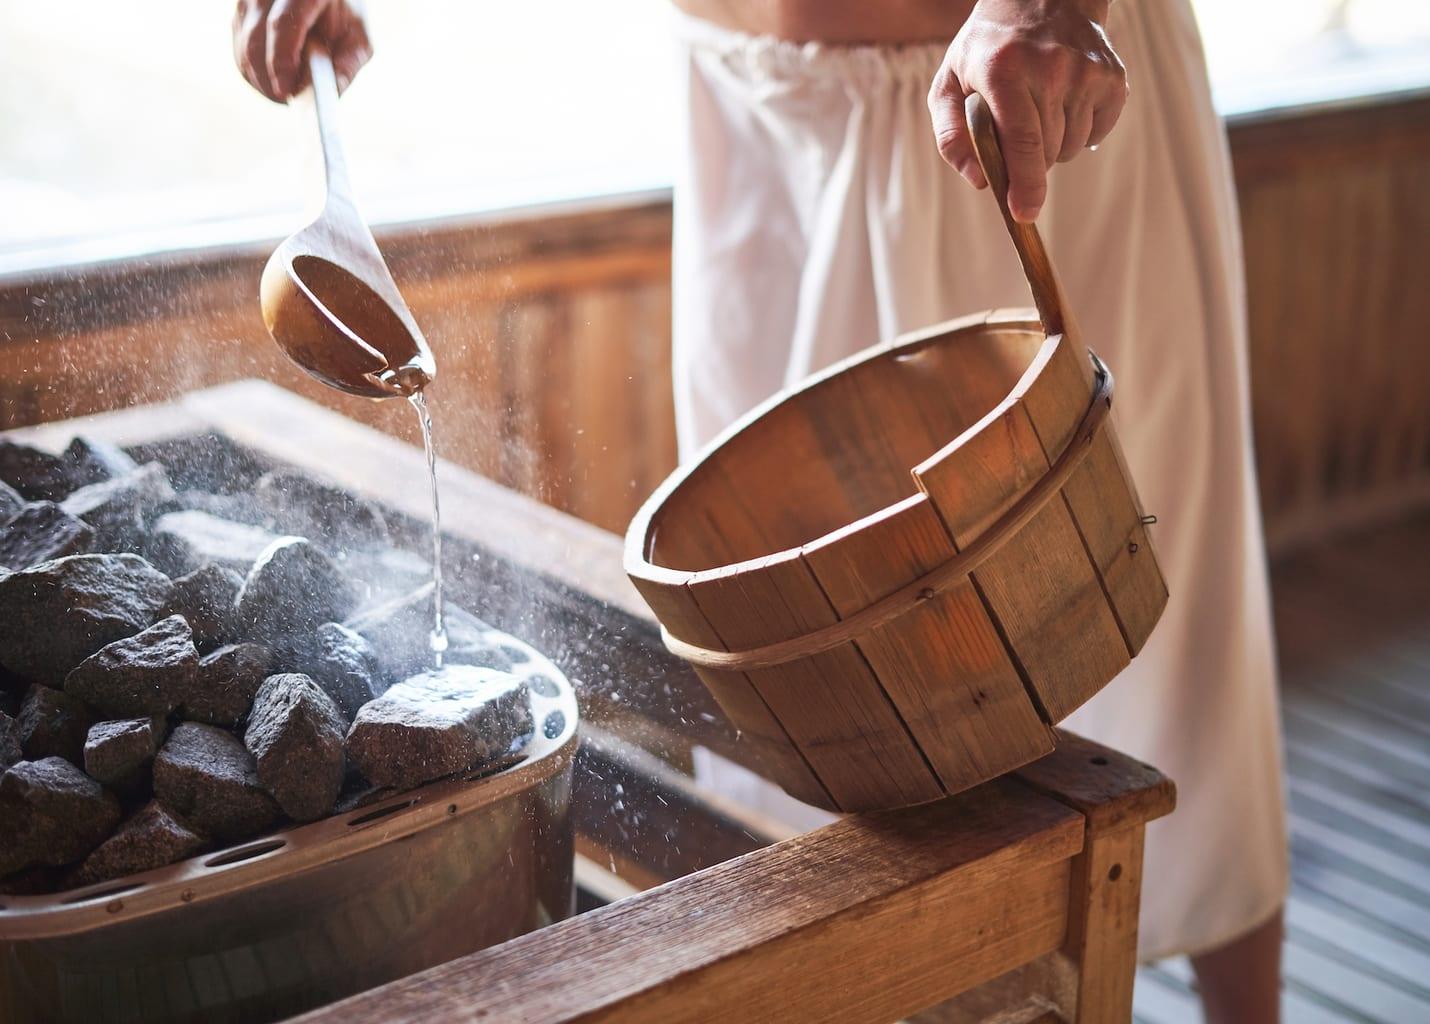 Apparatuur voor een opgieting in een Duitse sauna